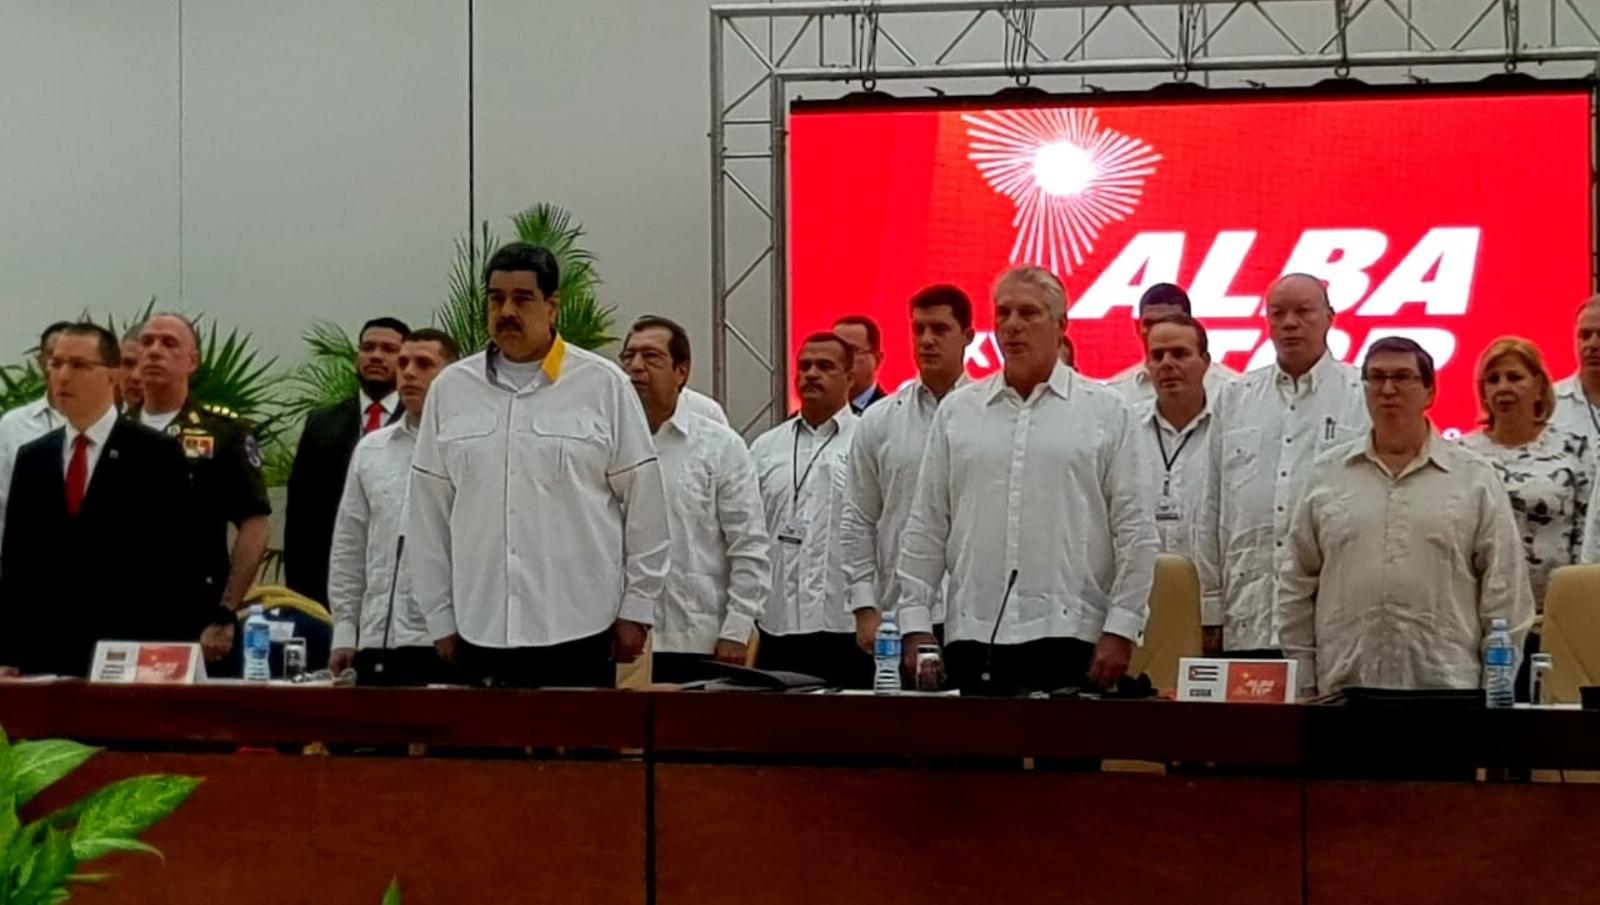 ALBA concluyó en tensión entre EE.UU y Cuba por apoyo a Venezuela